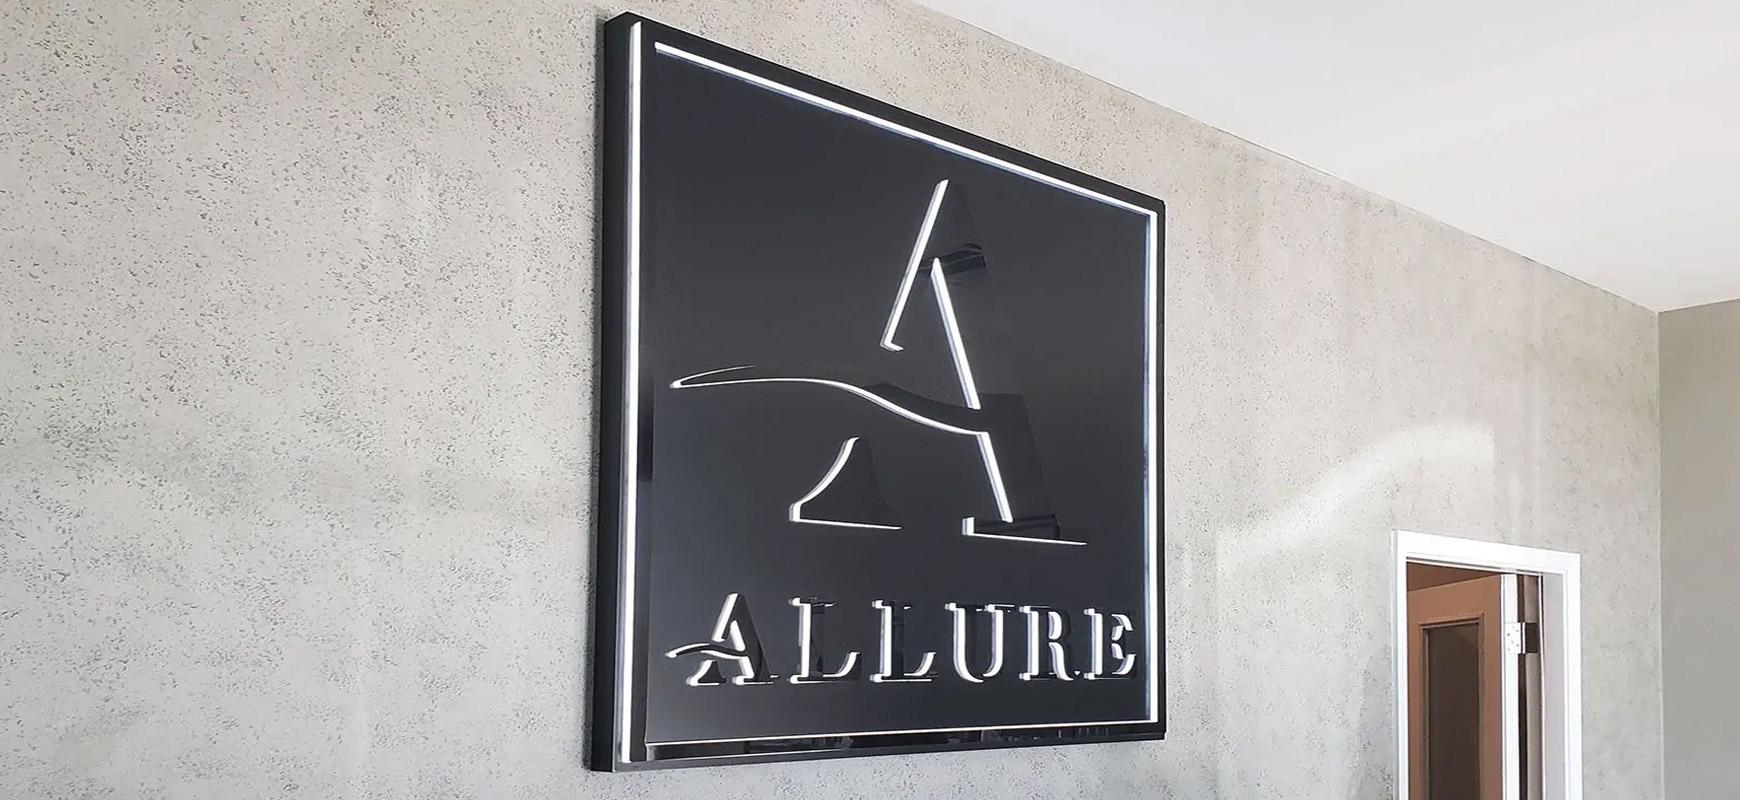 allure-illuminated-office-sign